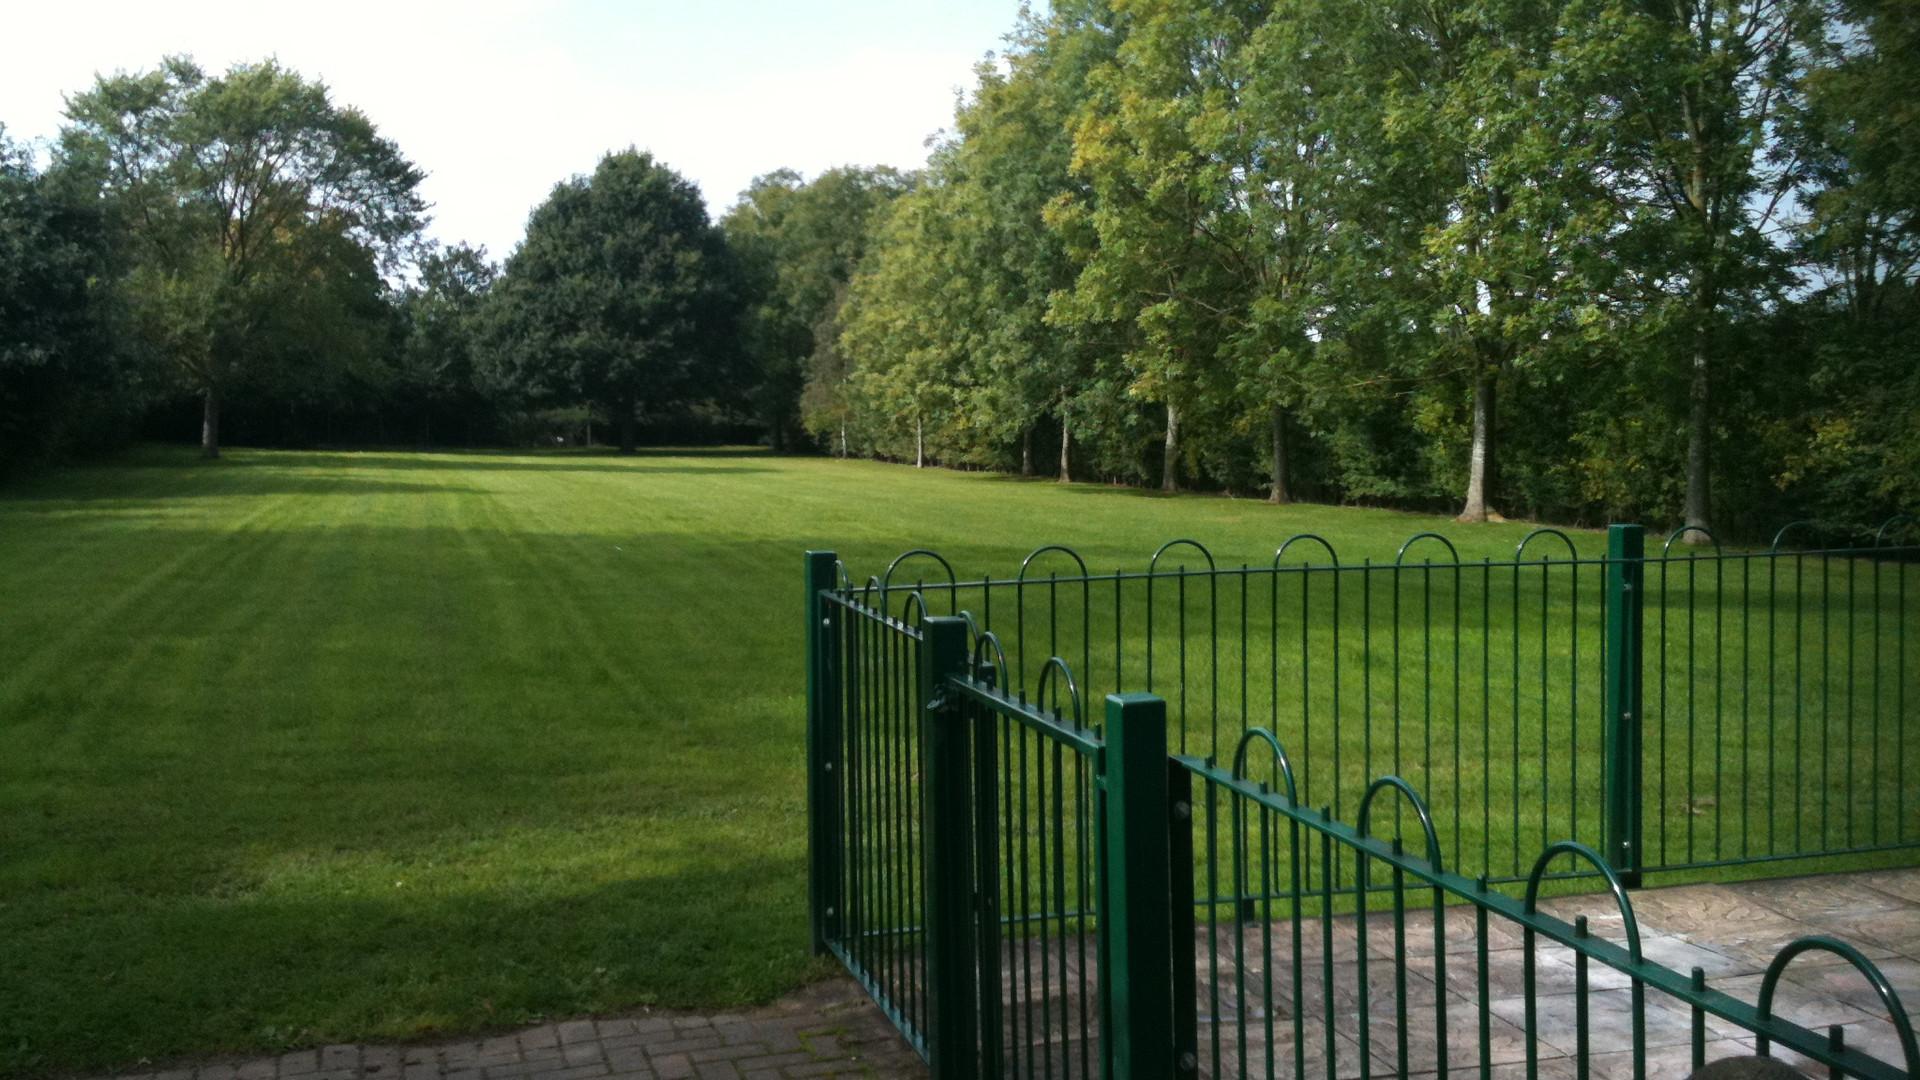 Our Preschool Garden